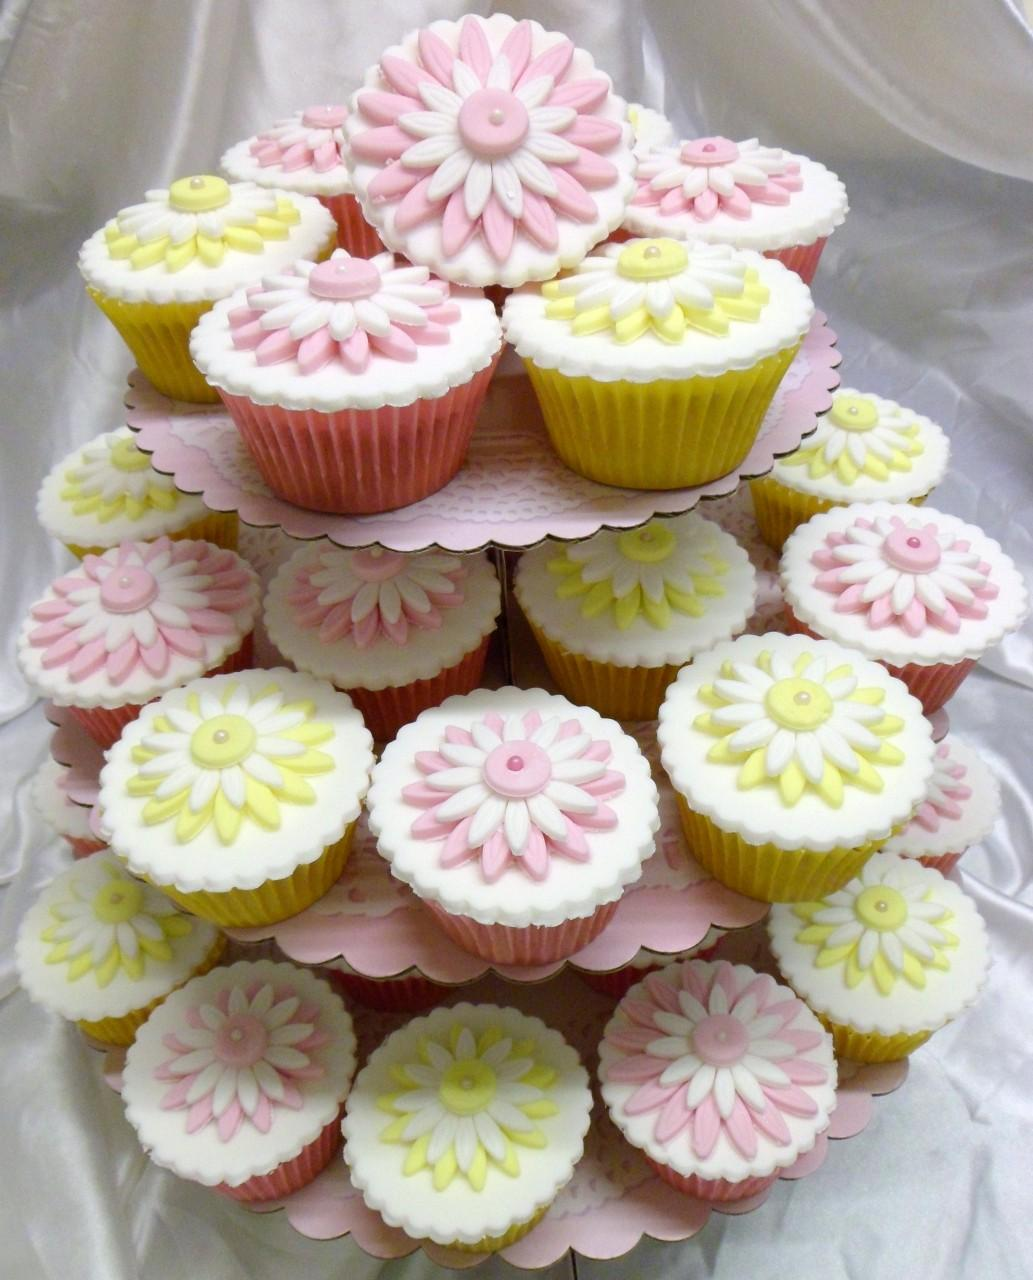 Muffinky a cup cakes inšpirácie - Obrázok č. 11